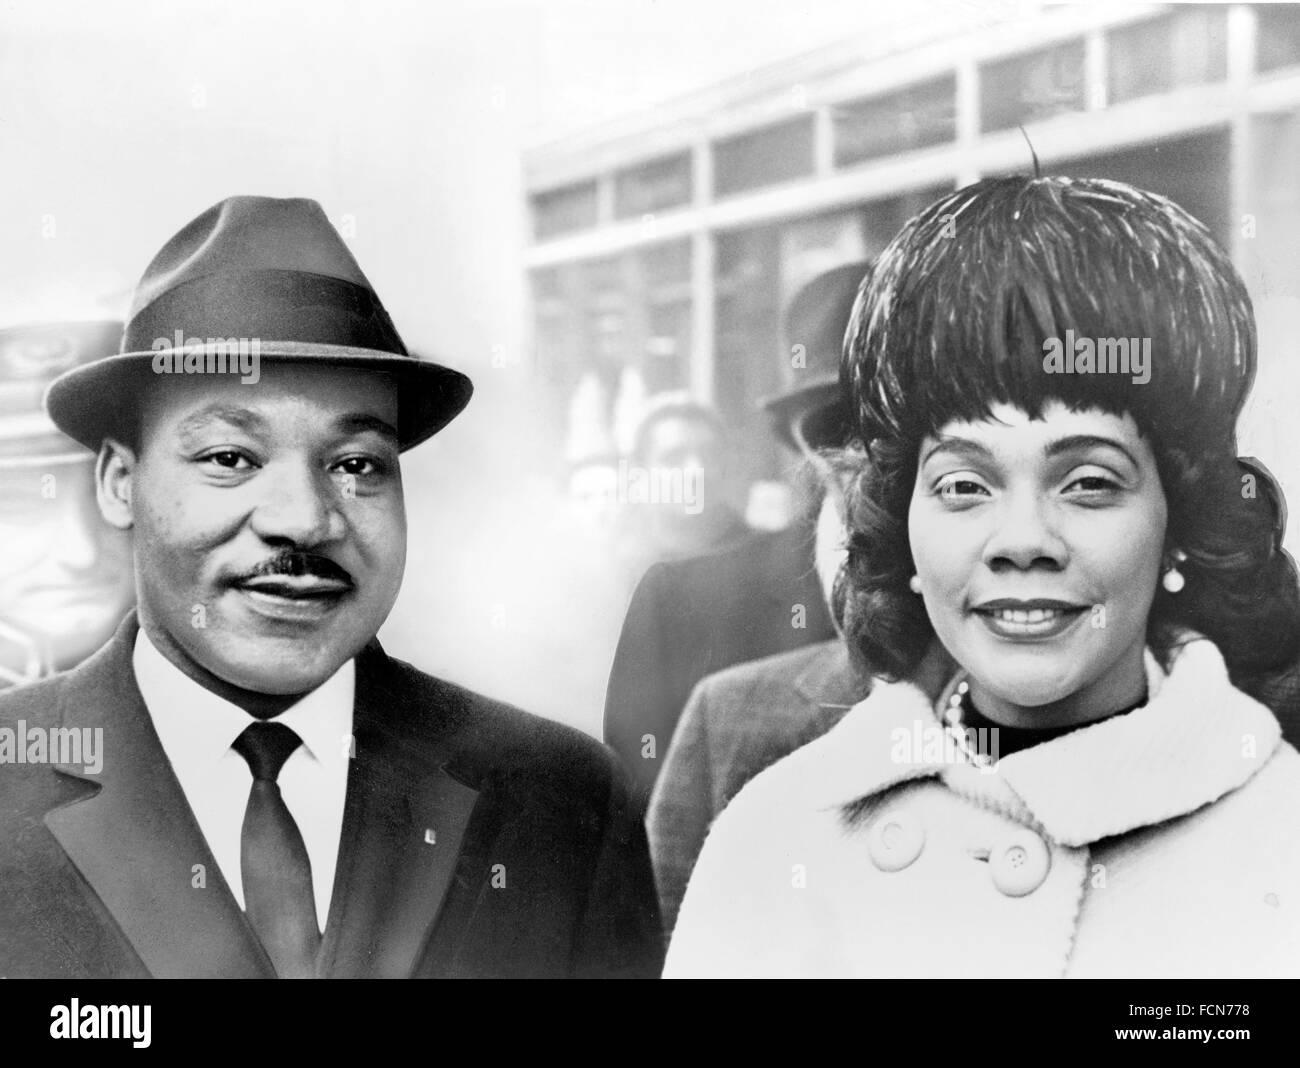 Dr. Martin Luther King Jr. mit seiner Frau Coretta Scott King, 1964. Entnommen aus einen Fotoabzug, die stark von hand retuschiert wurde. Stockfoto